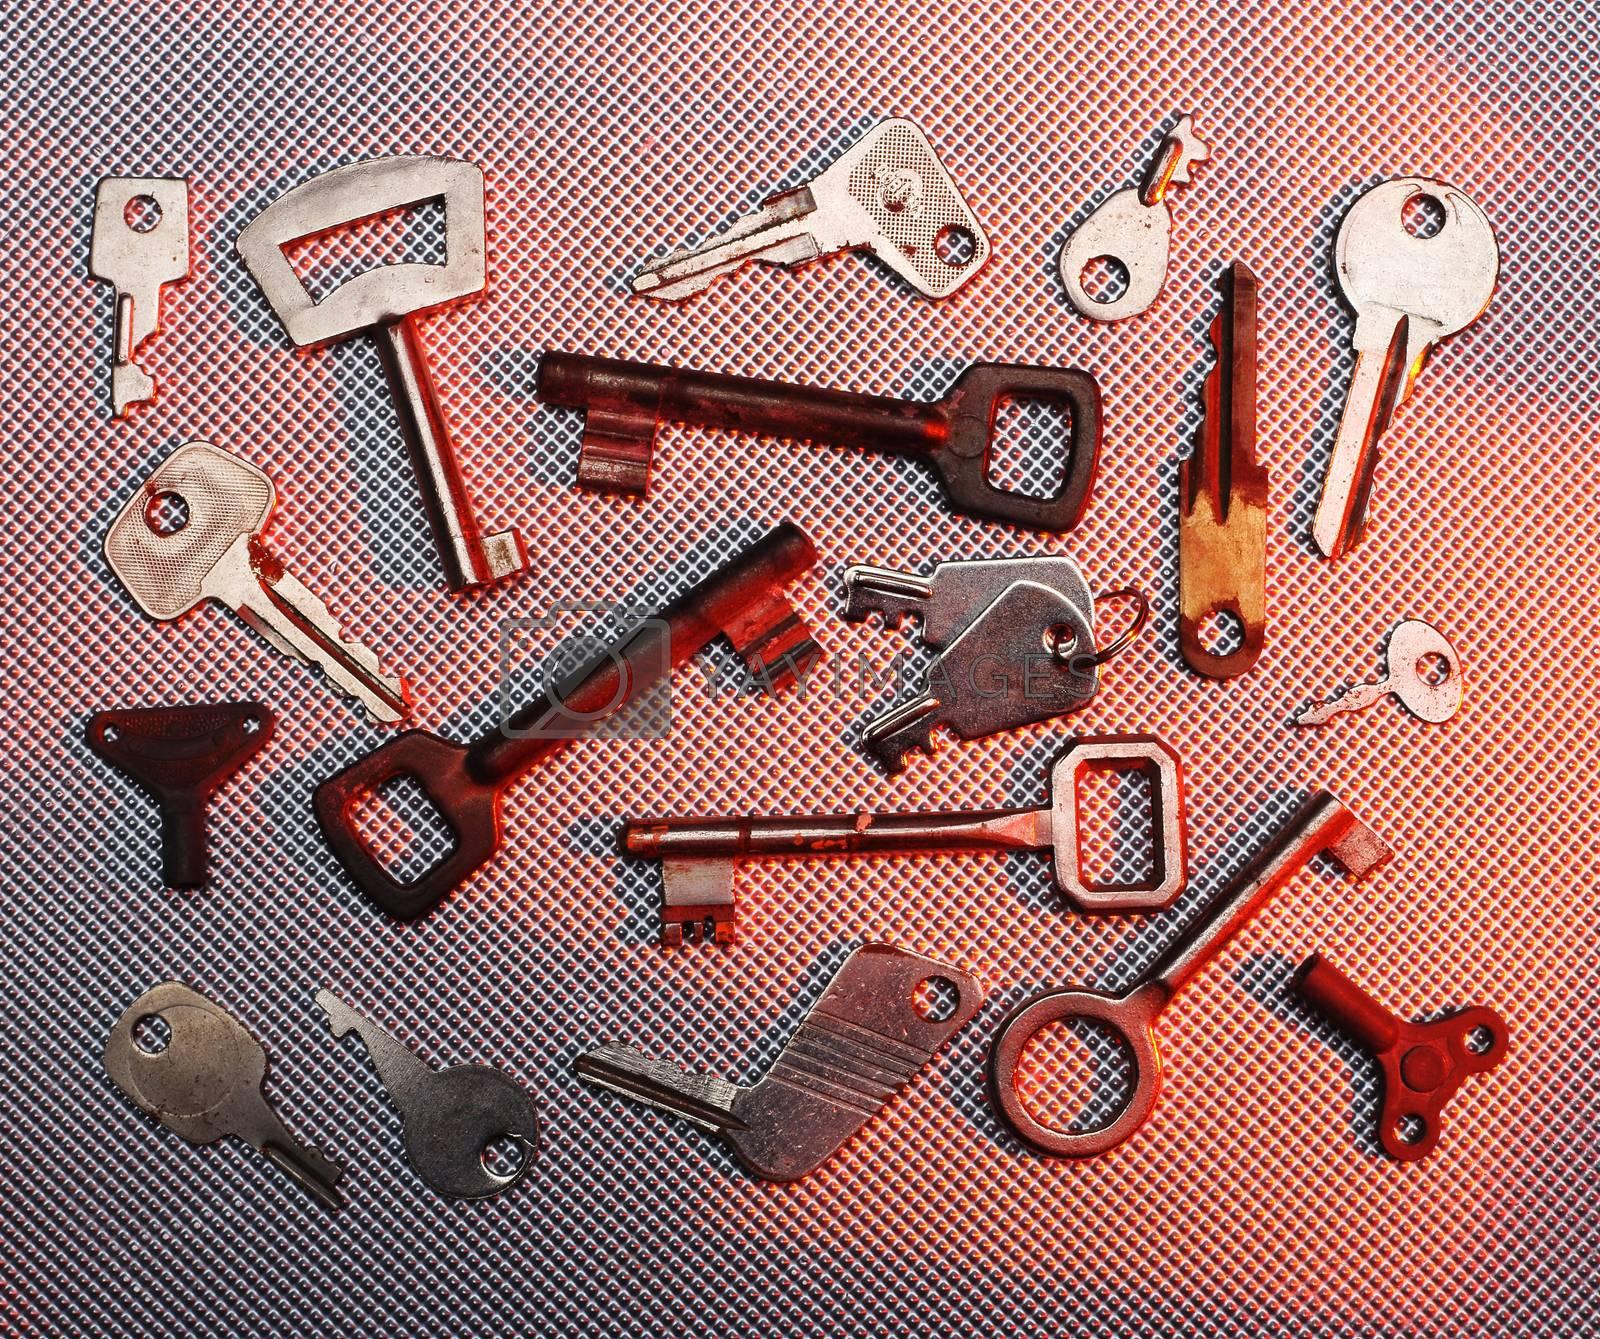 some different vintage keys close up, in color spot